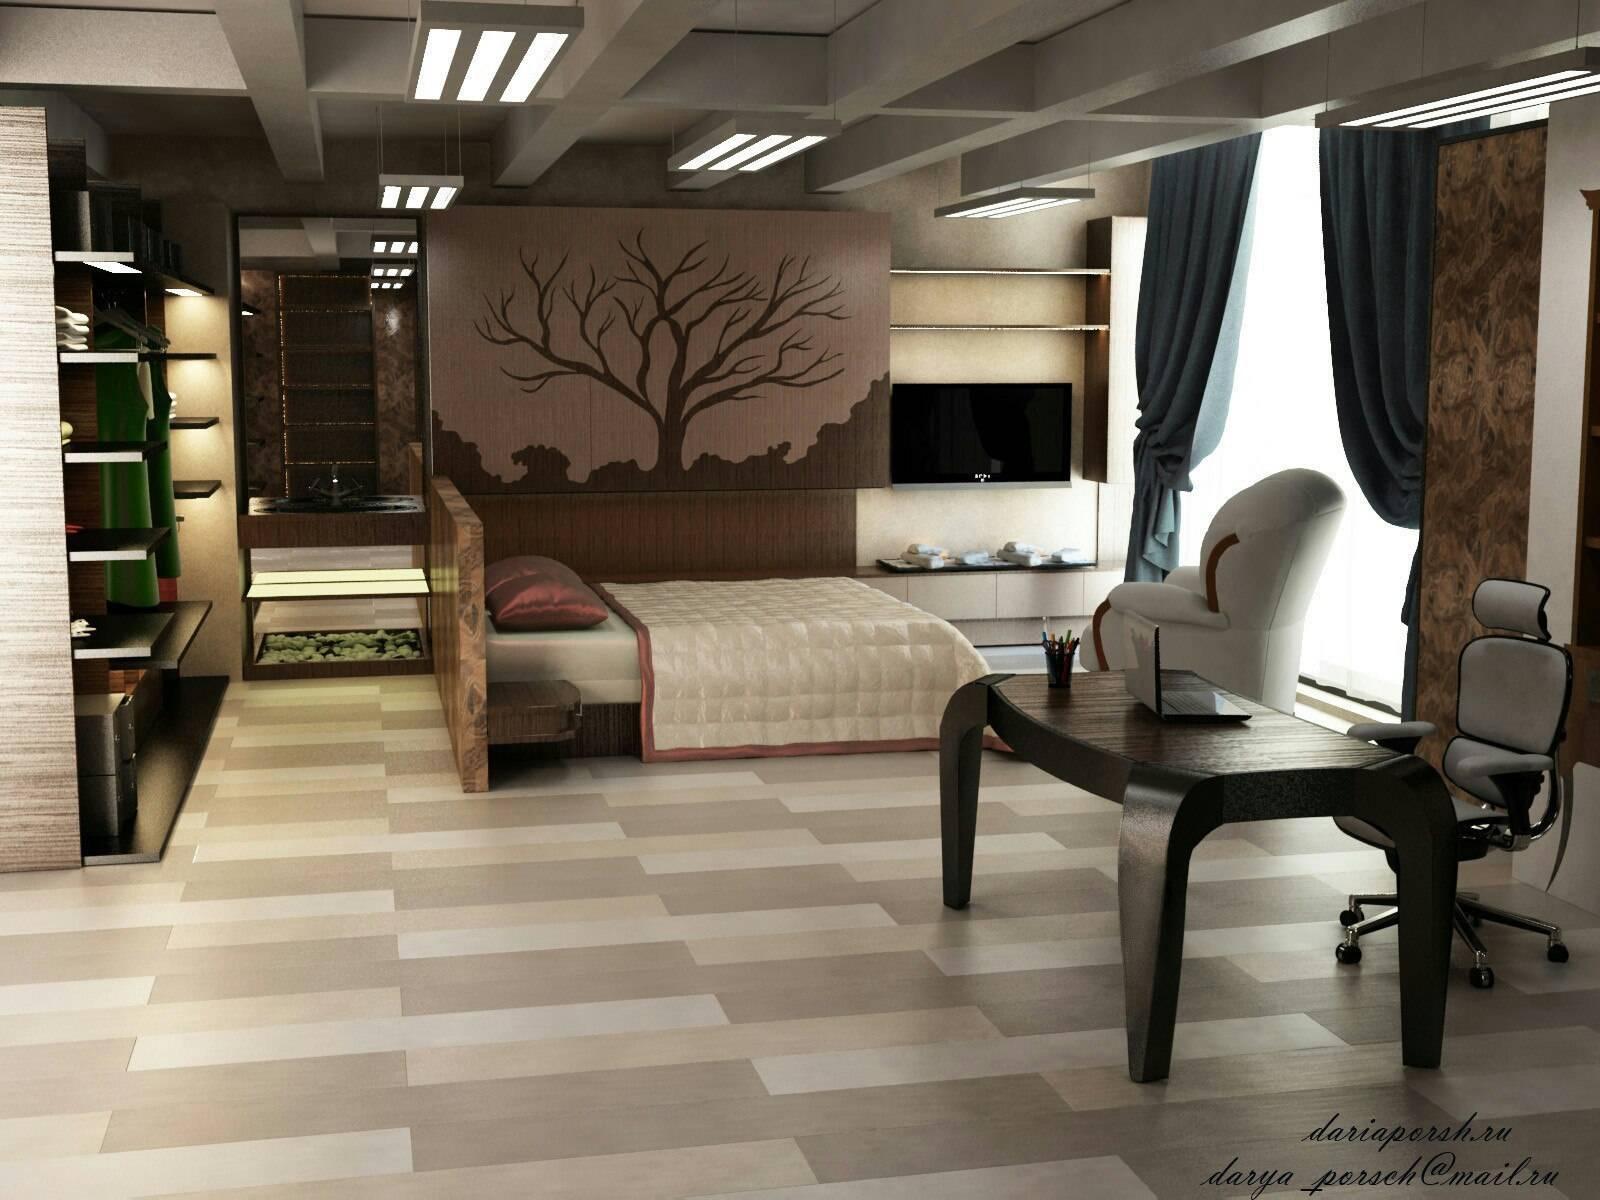 Визуализация салона для мебельной компании